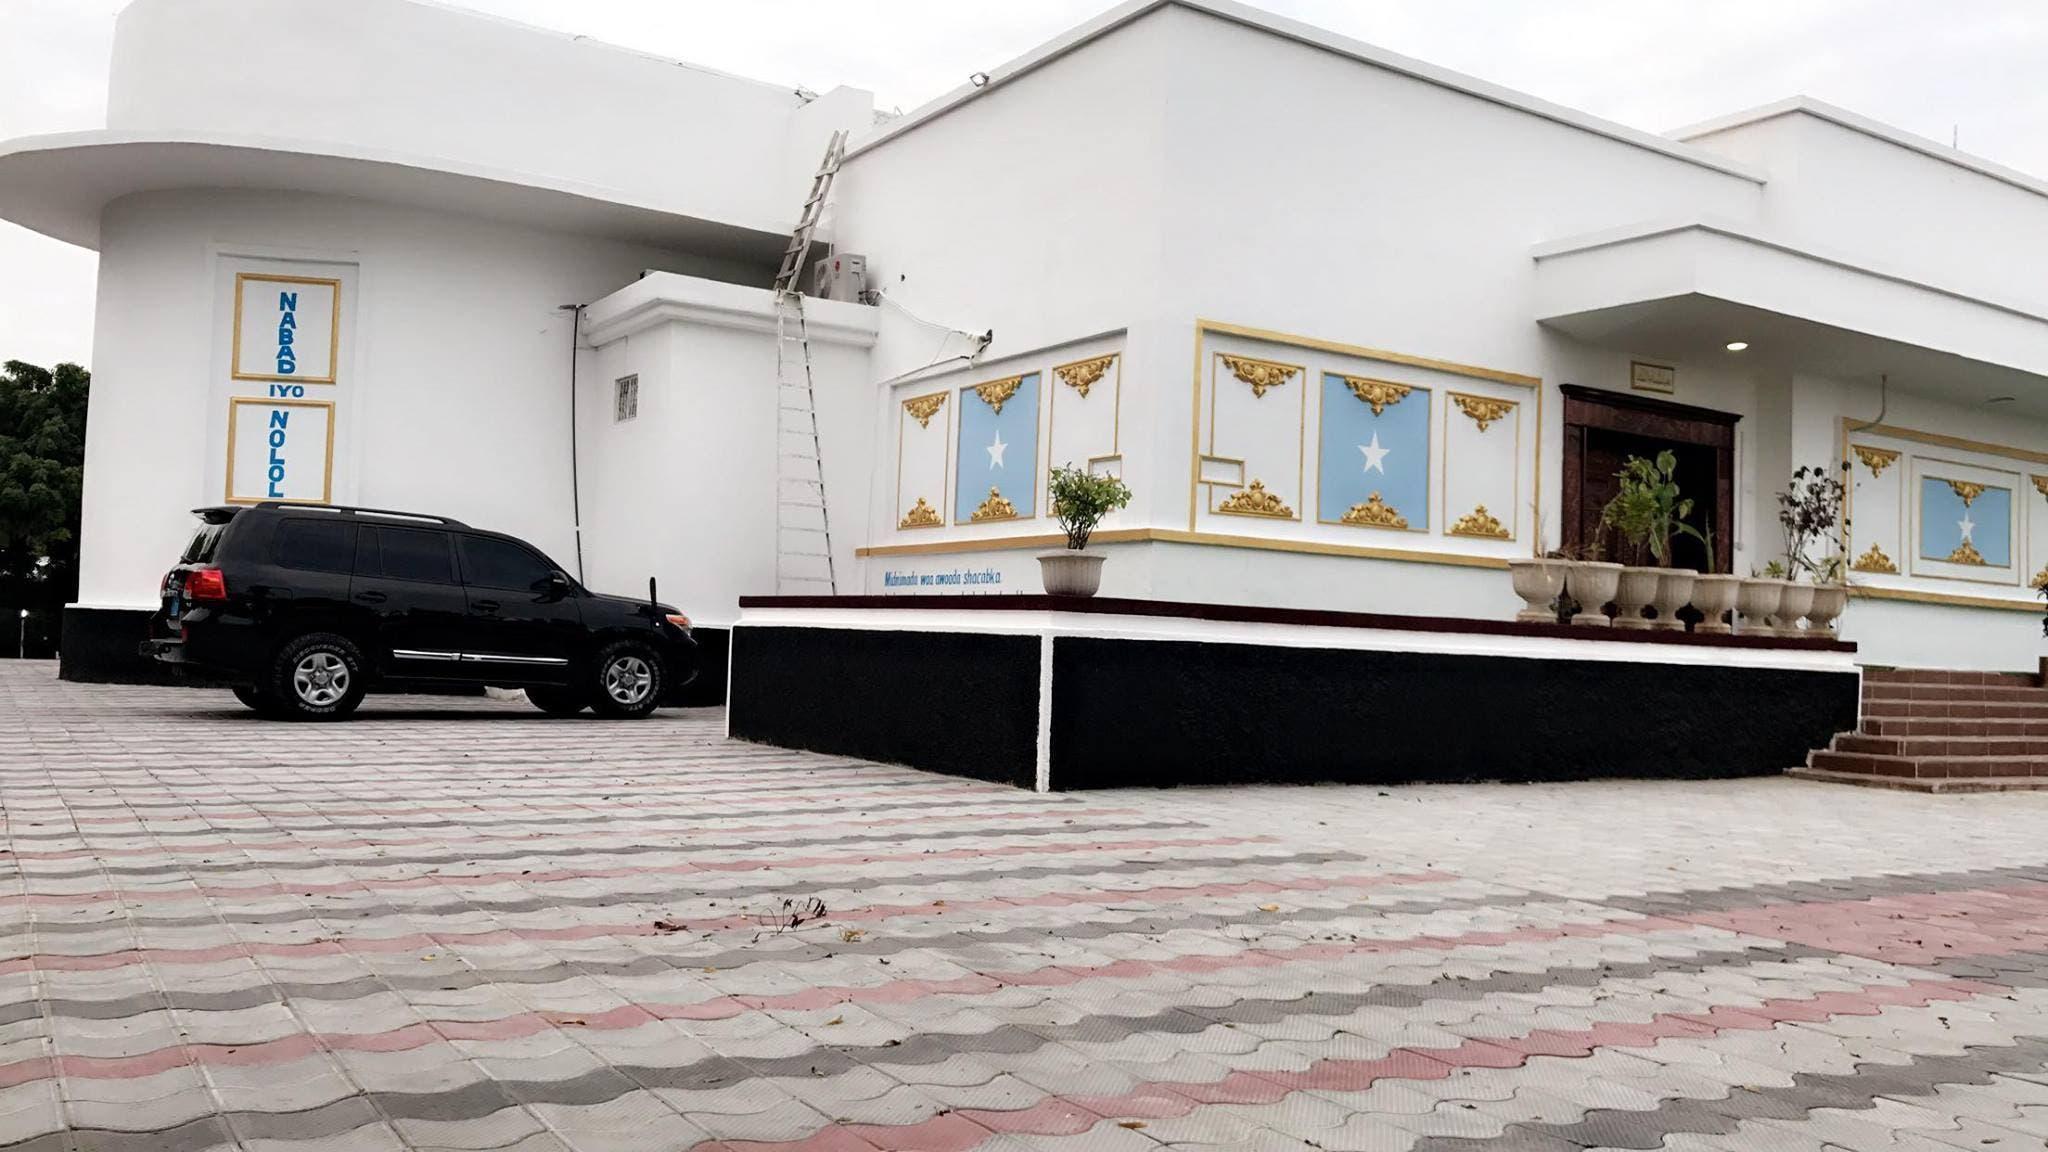 'Arrin mooshin keeni karta ayaa ka jirta xafiiska Villa Somalia ee madaxweynaha'